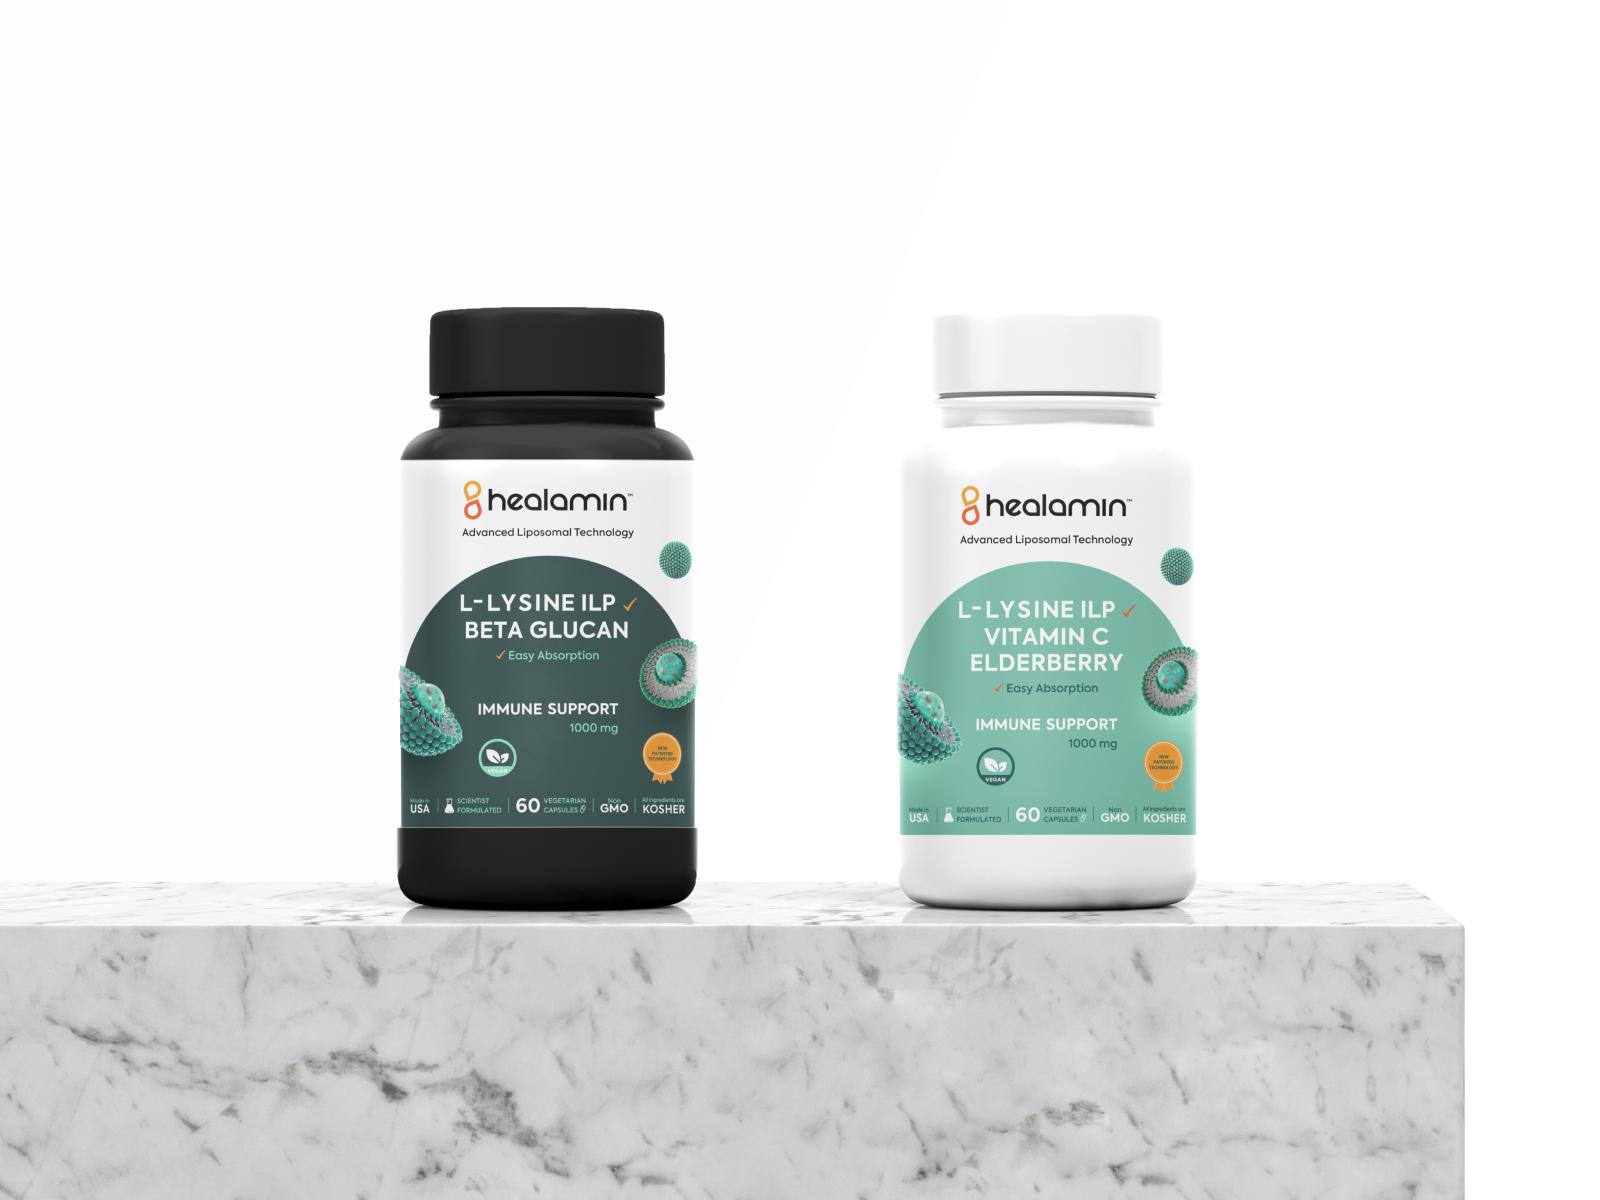 Healmin Supplements Packaging Design